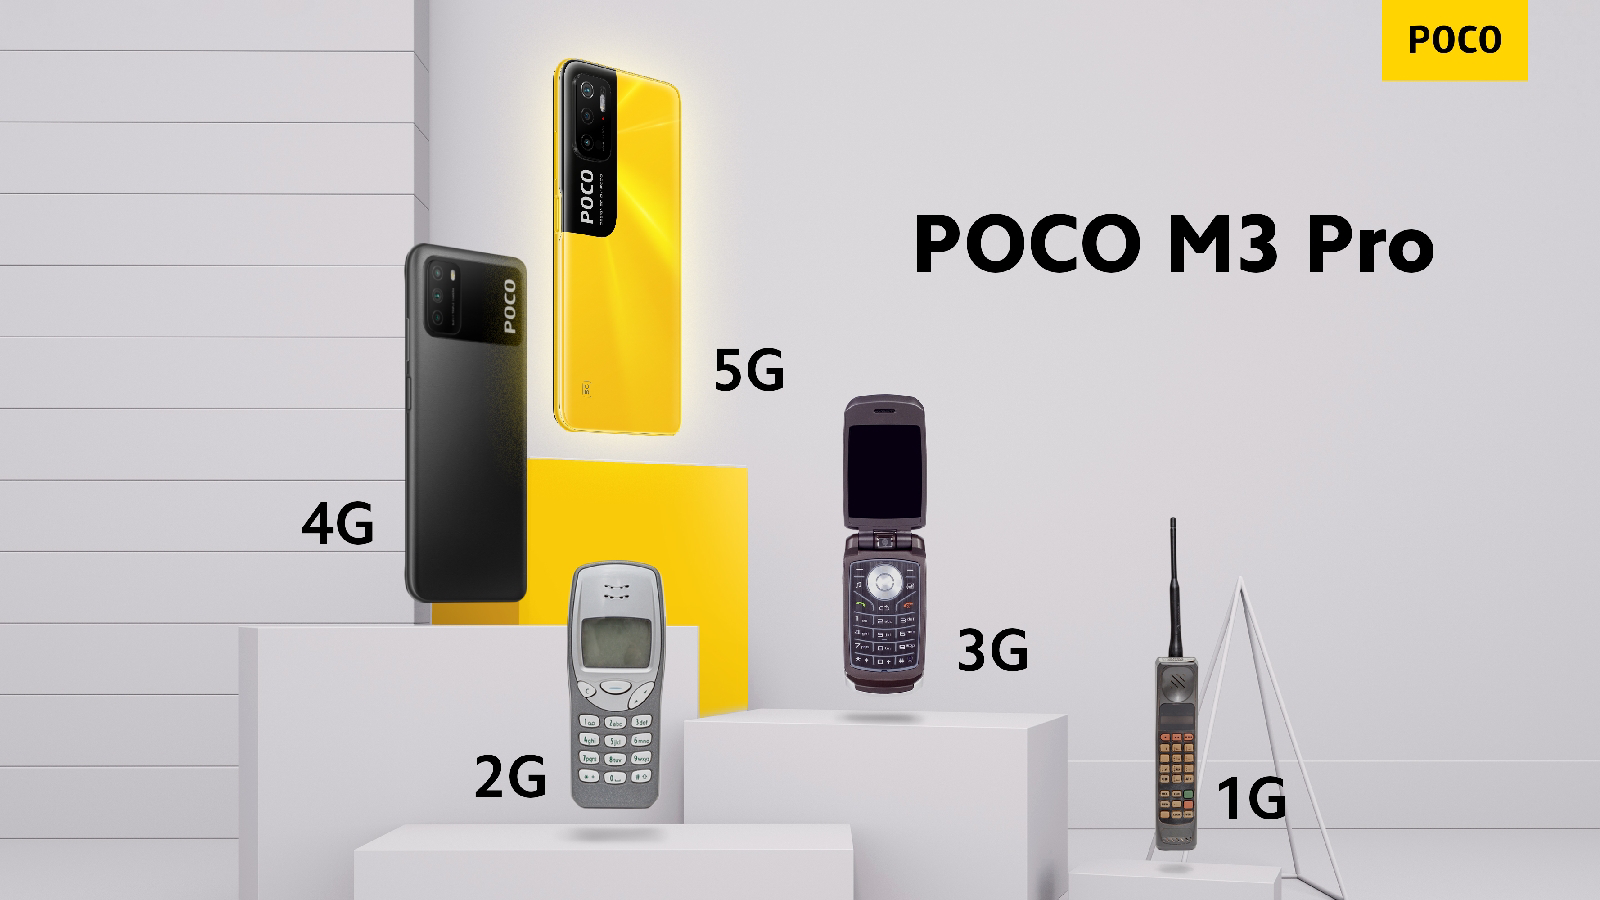 เตรียมตัวให้พร้อมเพื่อพบกับ POCO M3 Pro 5G More Speed, More Everything เปิดตัวในเมืองไทย ในวันที่ 1 มิถุนายนนี้ เวลา 19.00 น.